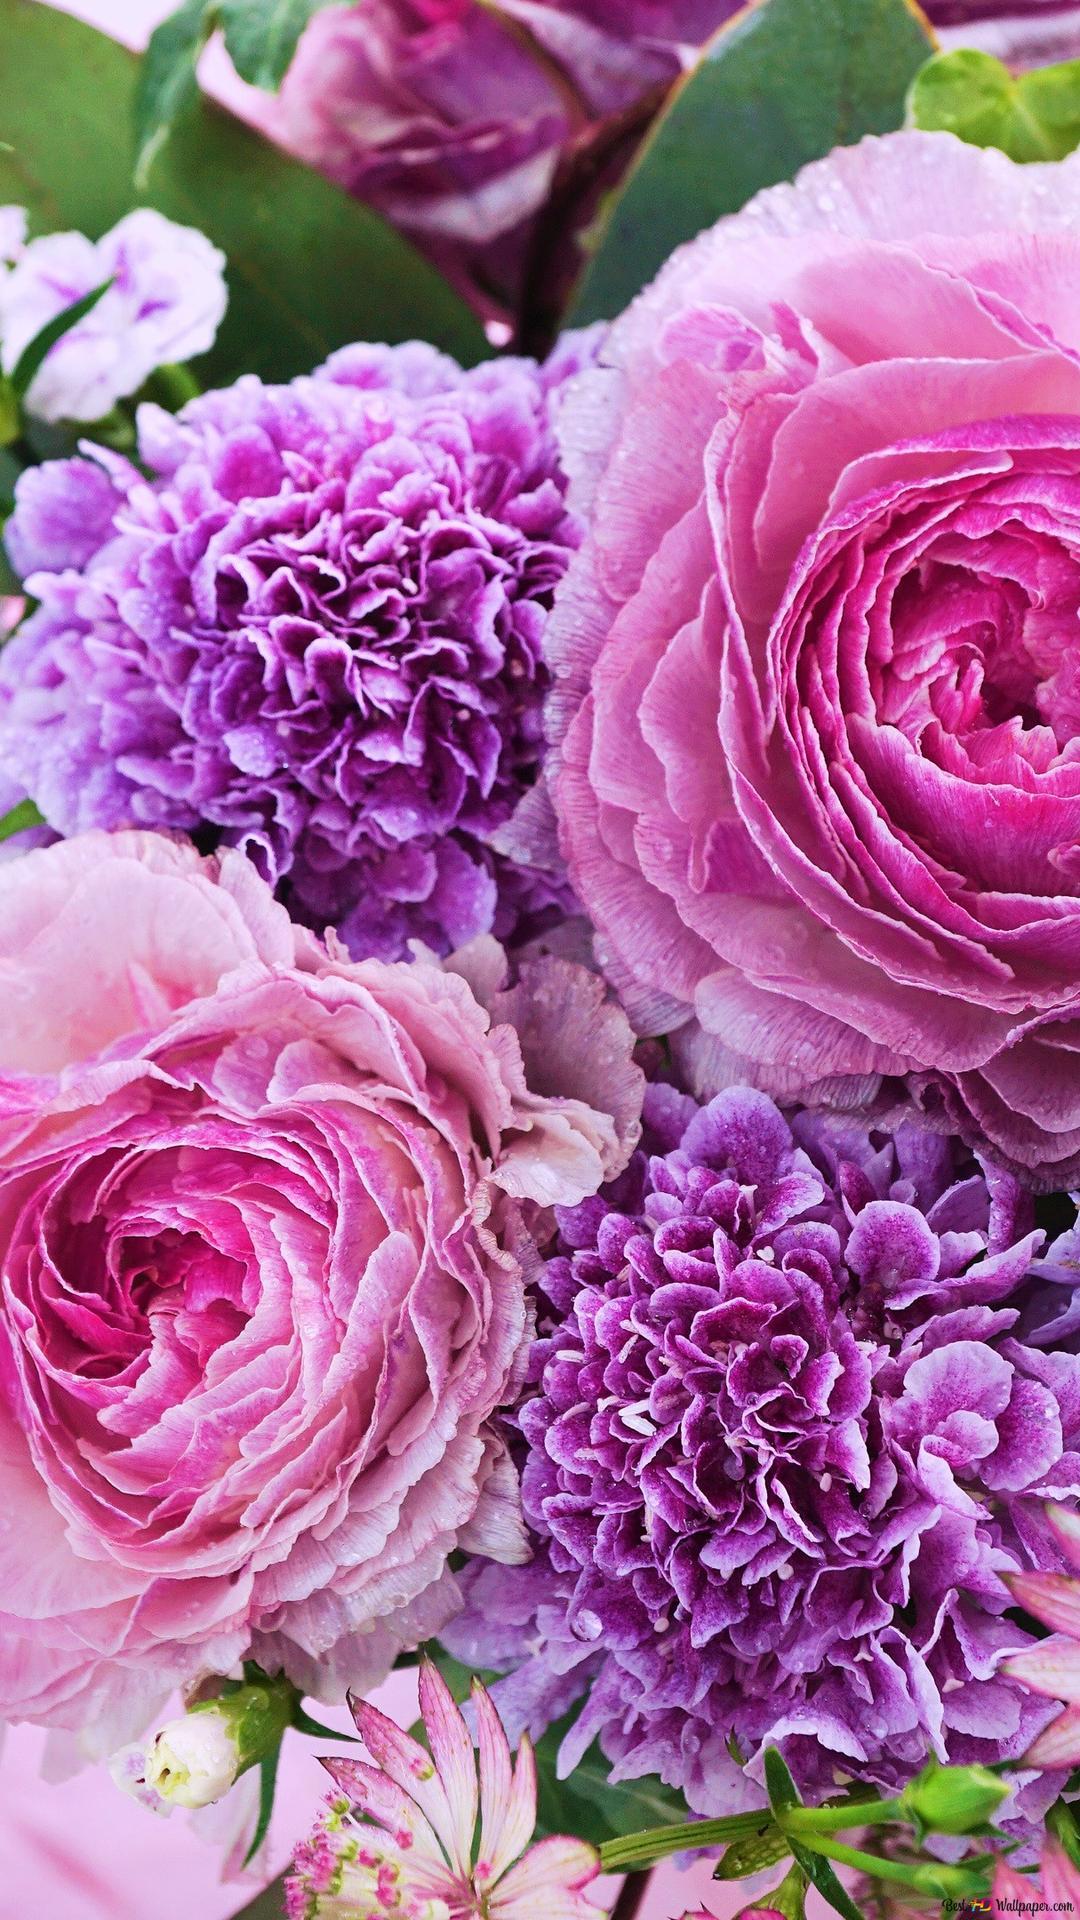 ピンクの花の花束 Hd壁紙のダウンロード